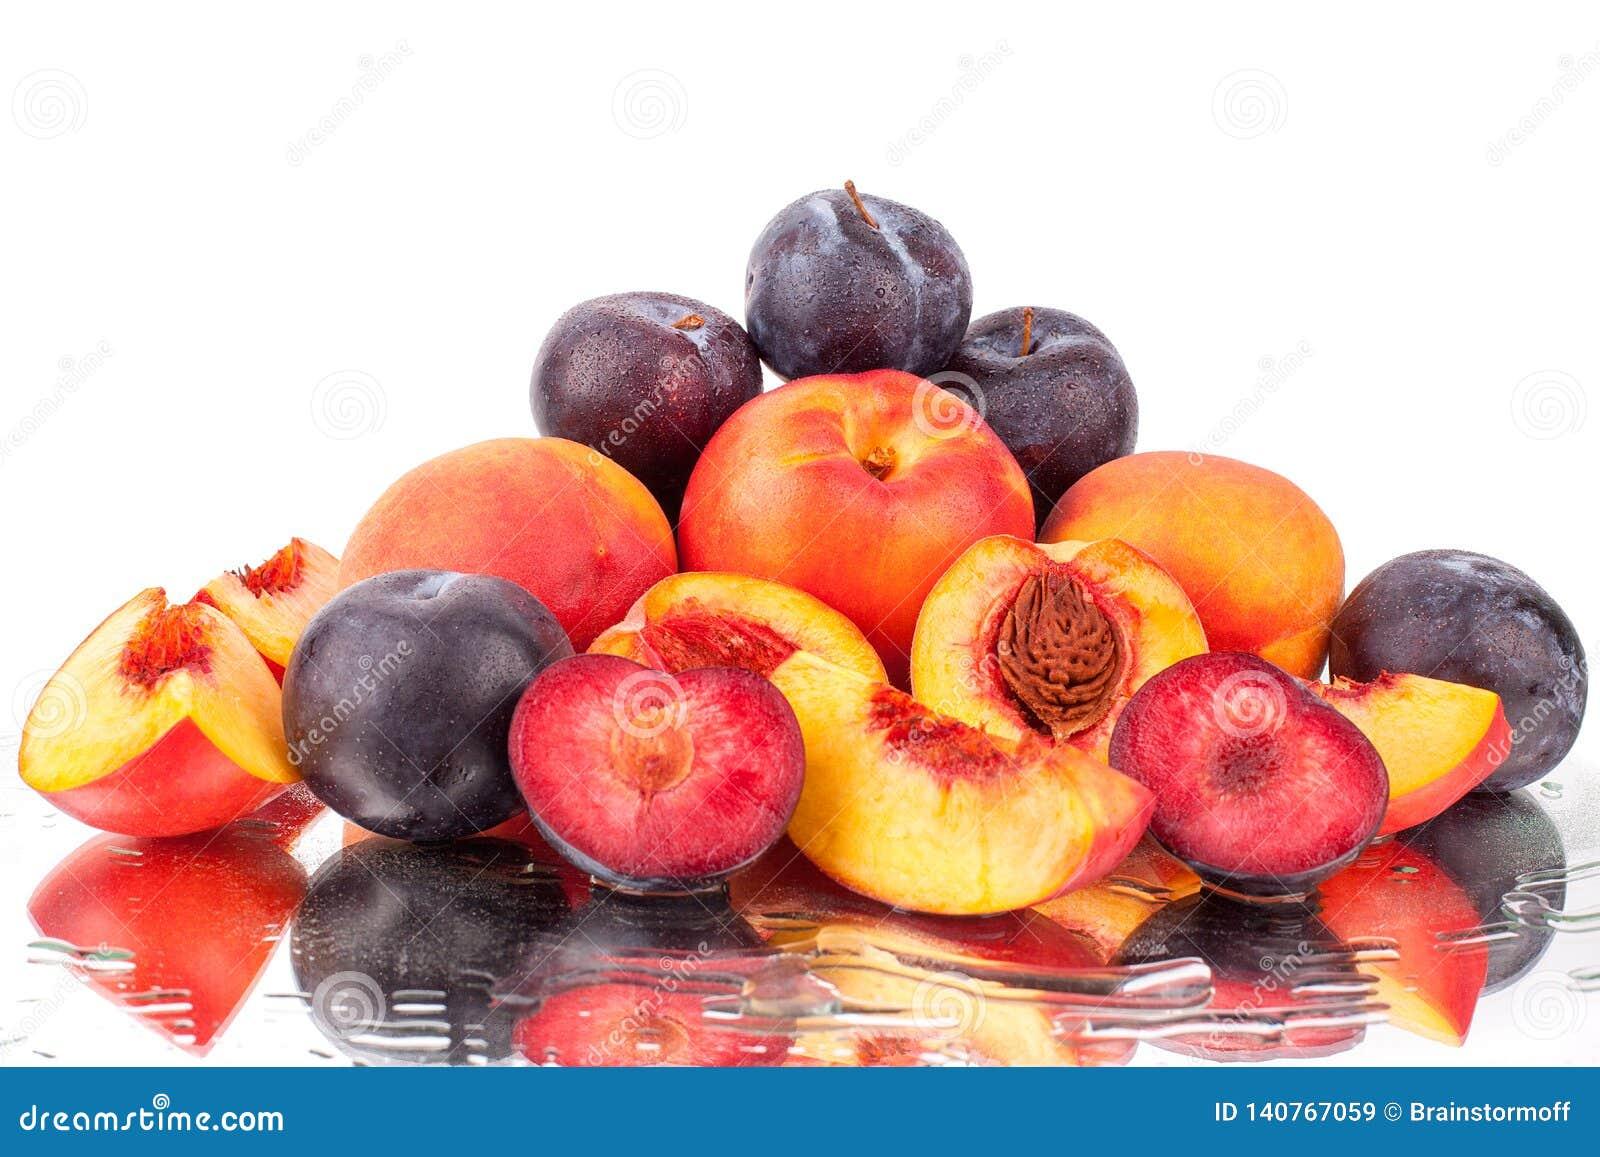 Mycket ljusa frukter, hela och snittpersikor och plommoner på en vit bakgrund för spegel i vatten tappar isolerat